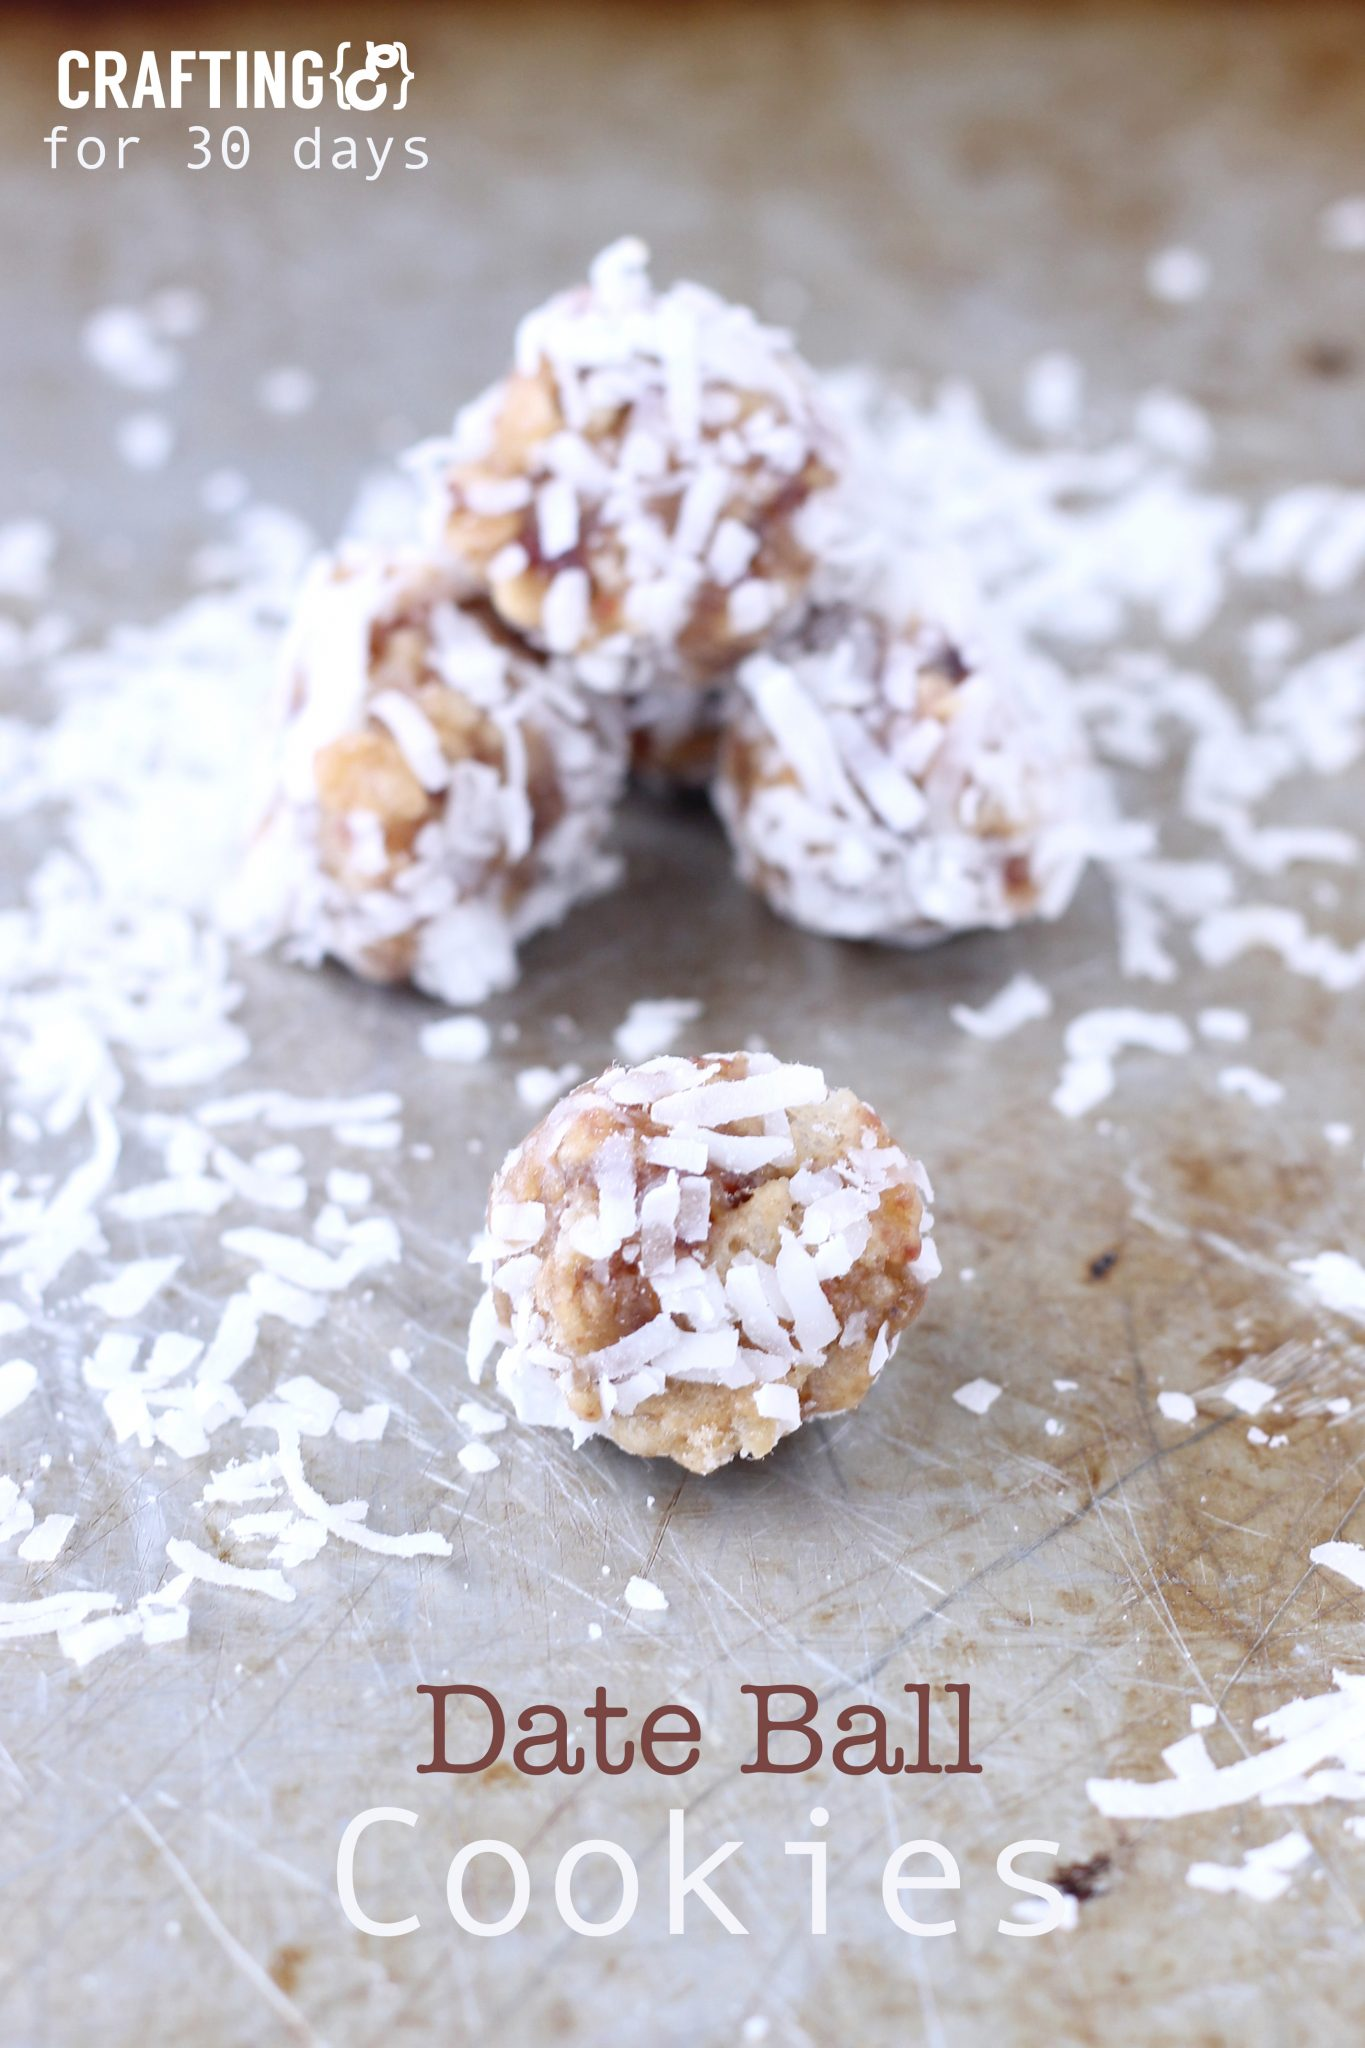 Date Ball Cookie Recipe